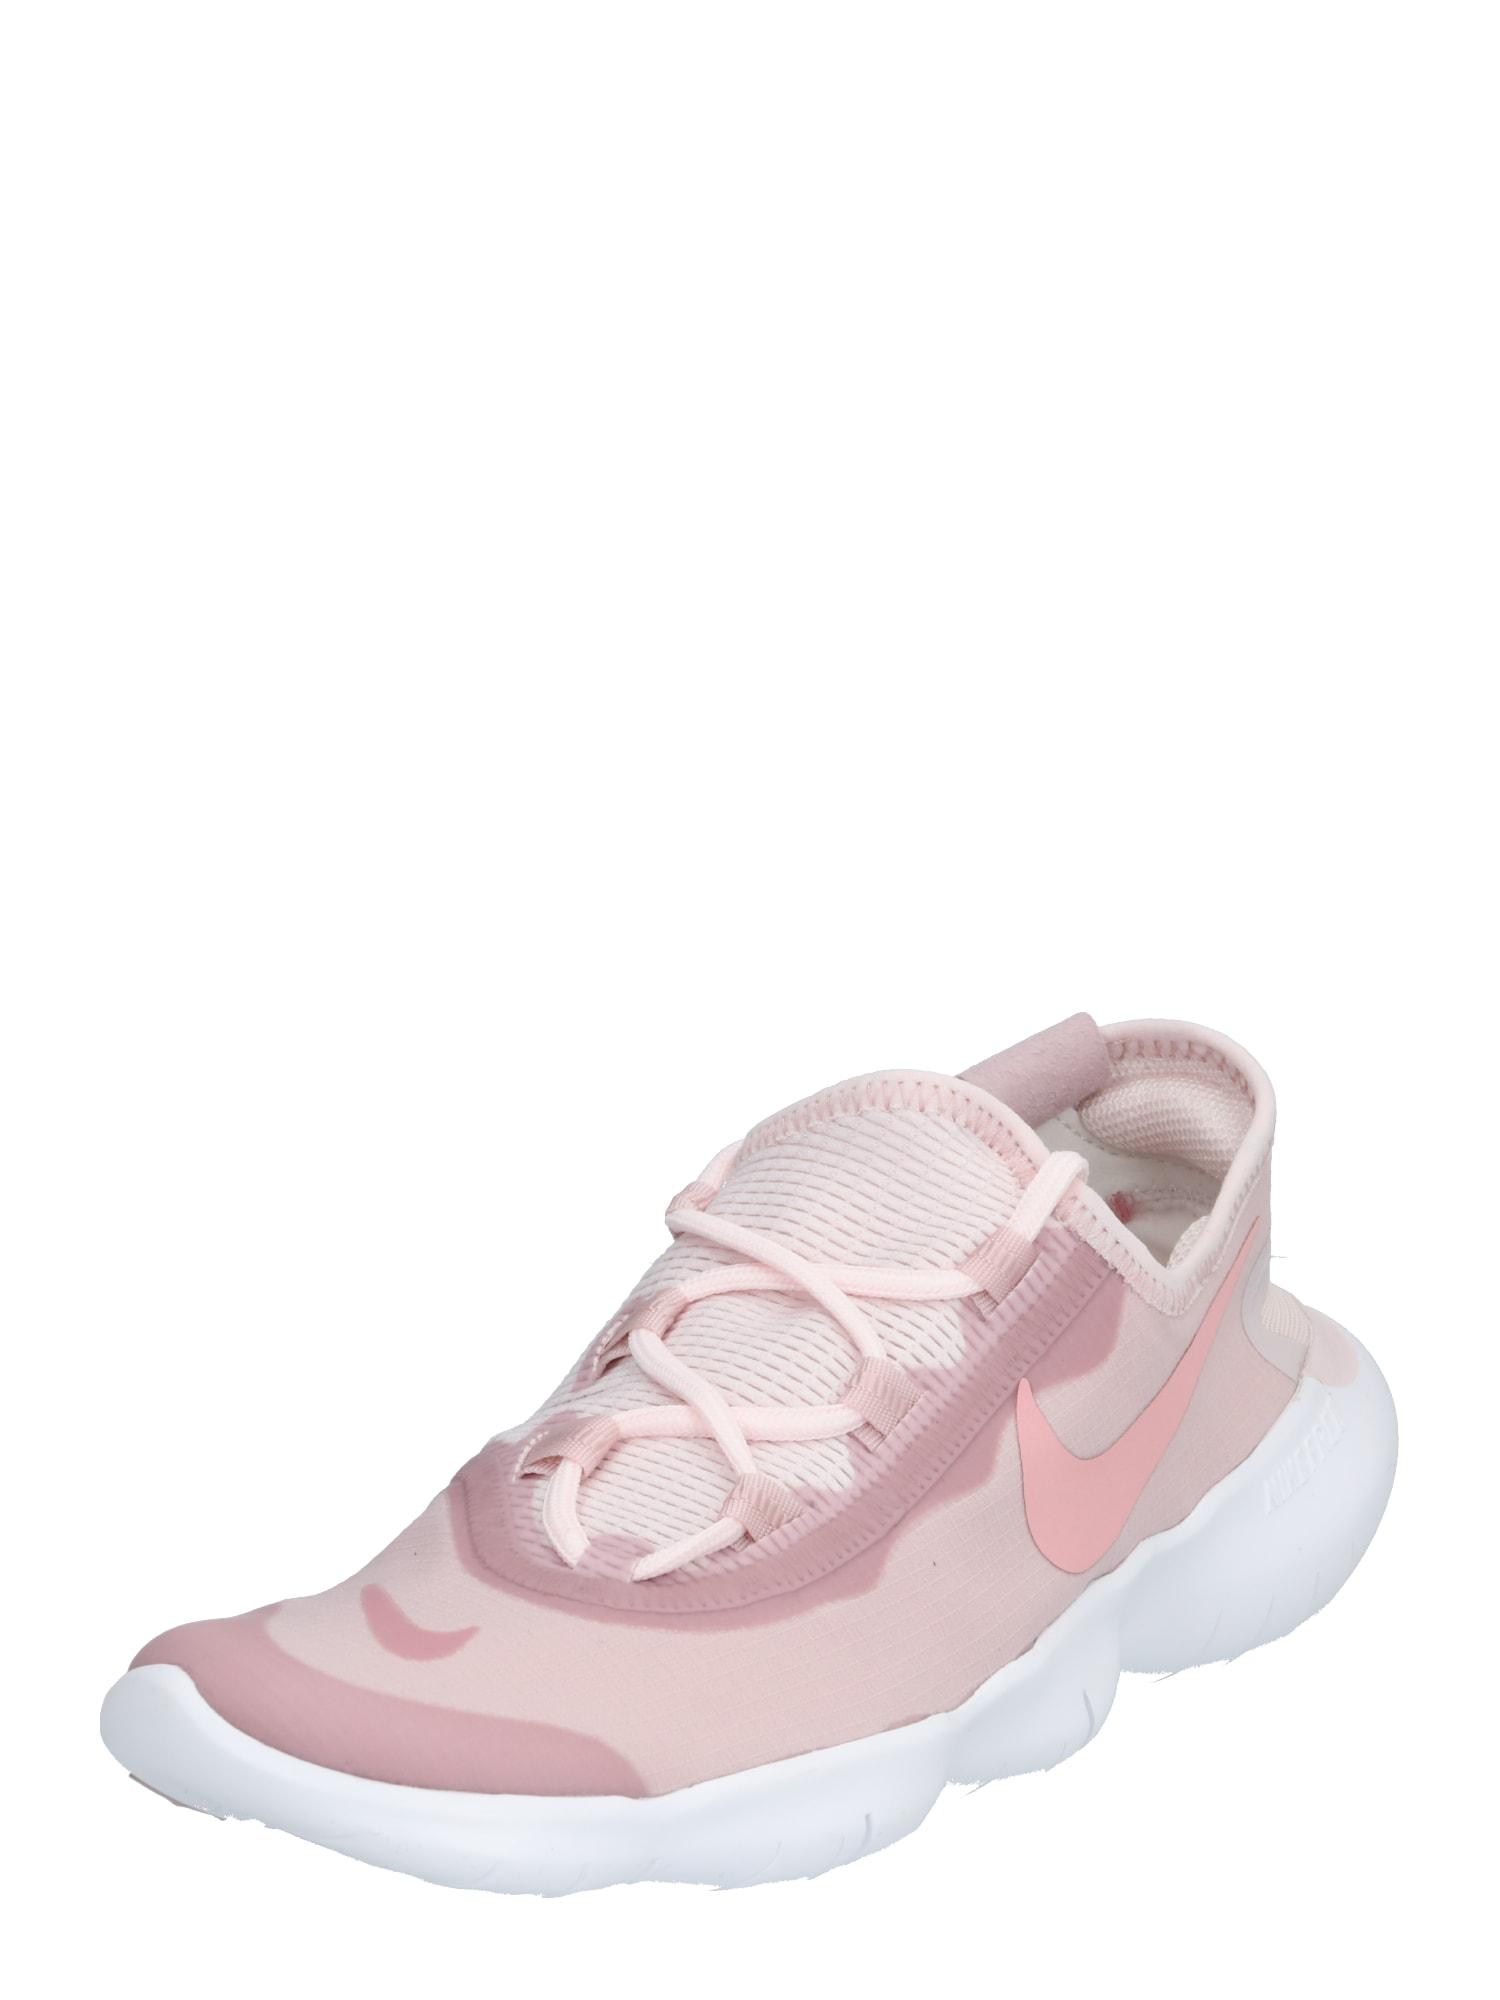 NIKE Bėgimo batai 'Free RN 5.0 2020' rožių spalva